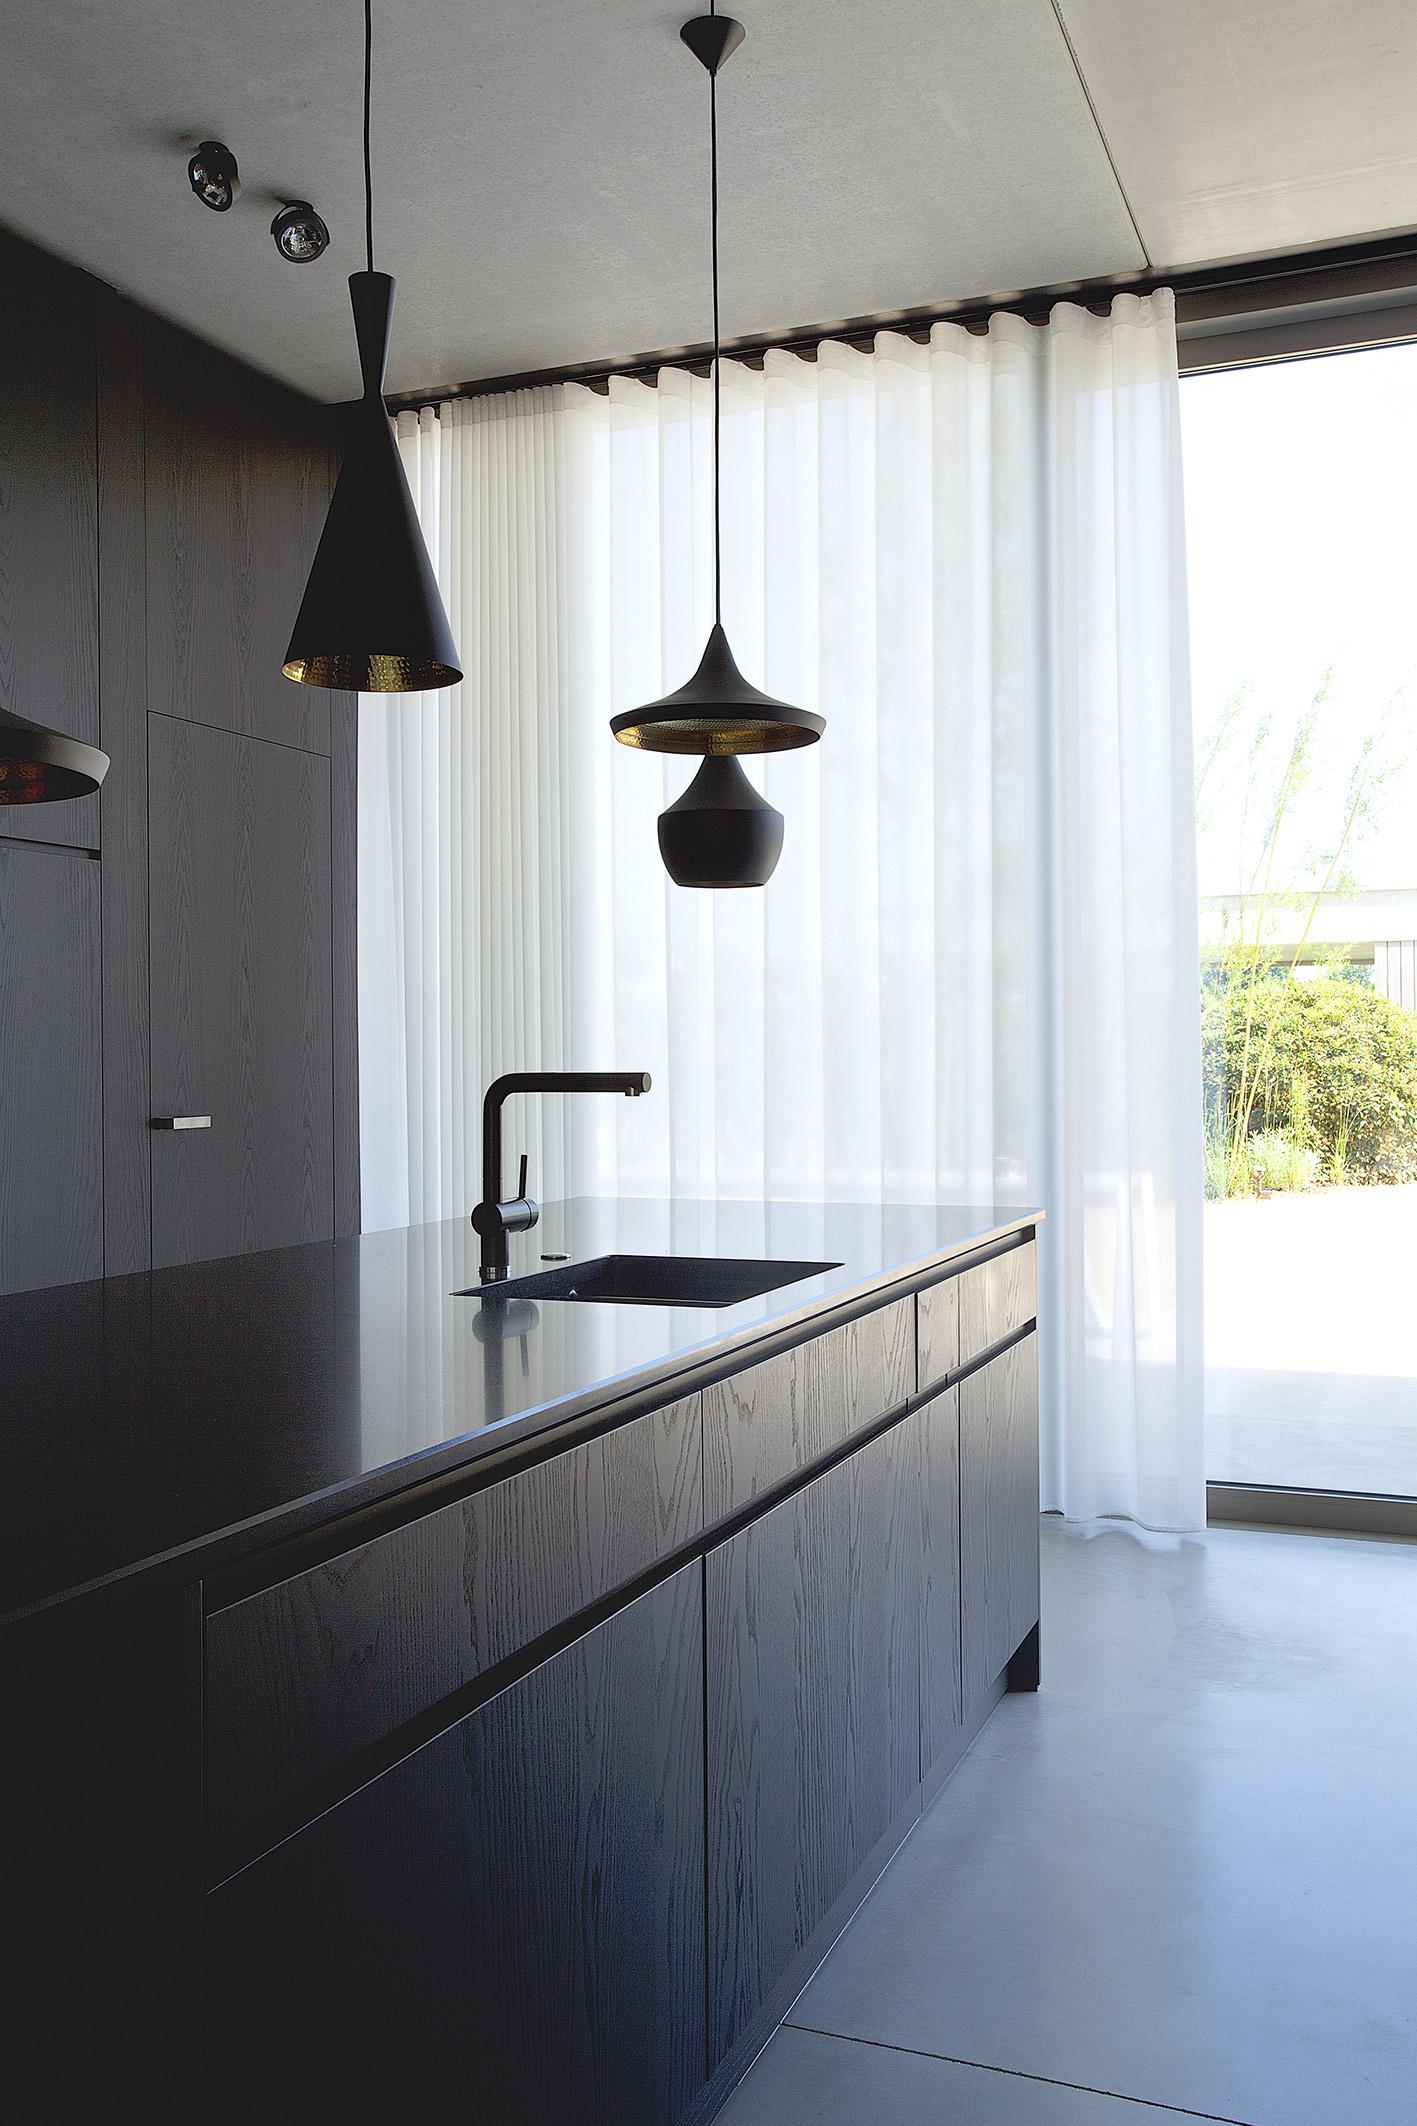 architecte_inge_clauwers_photo_caroline_dethier_int_03_MAIL.jpg